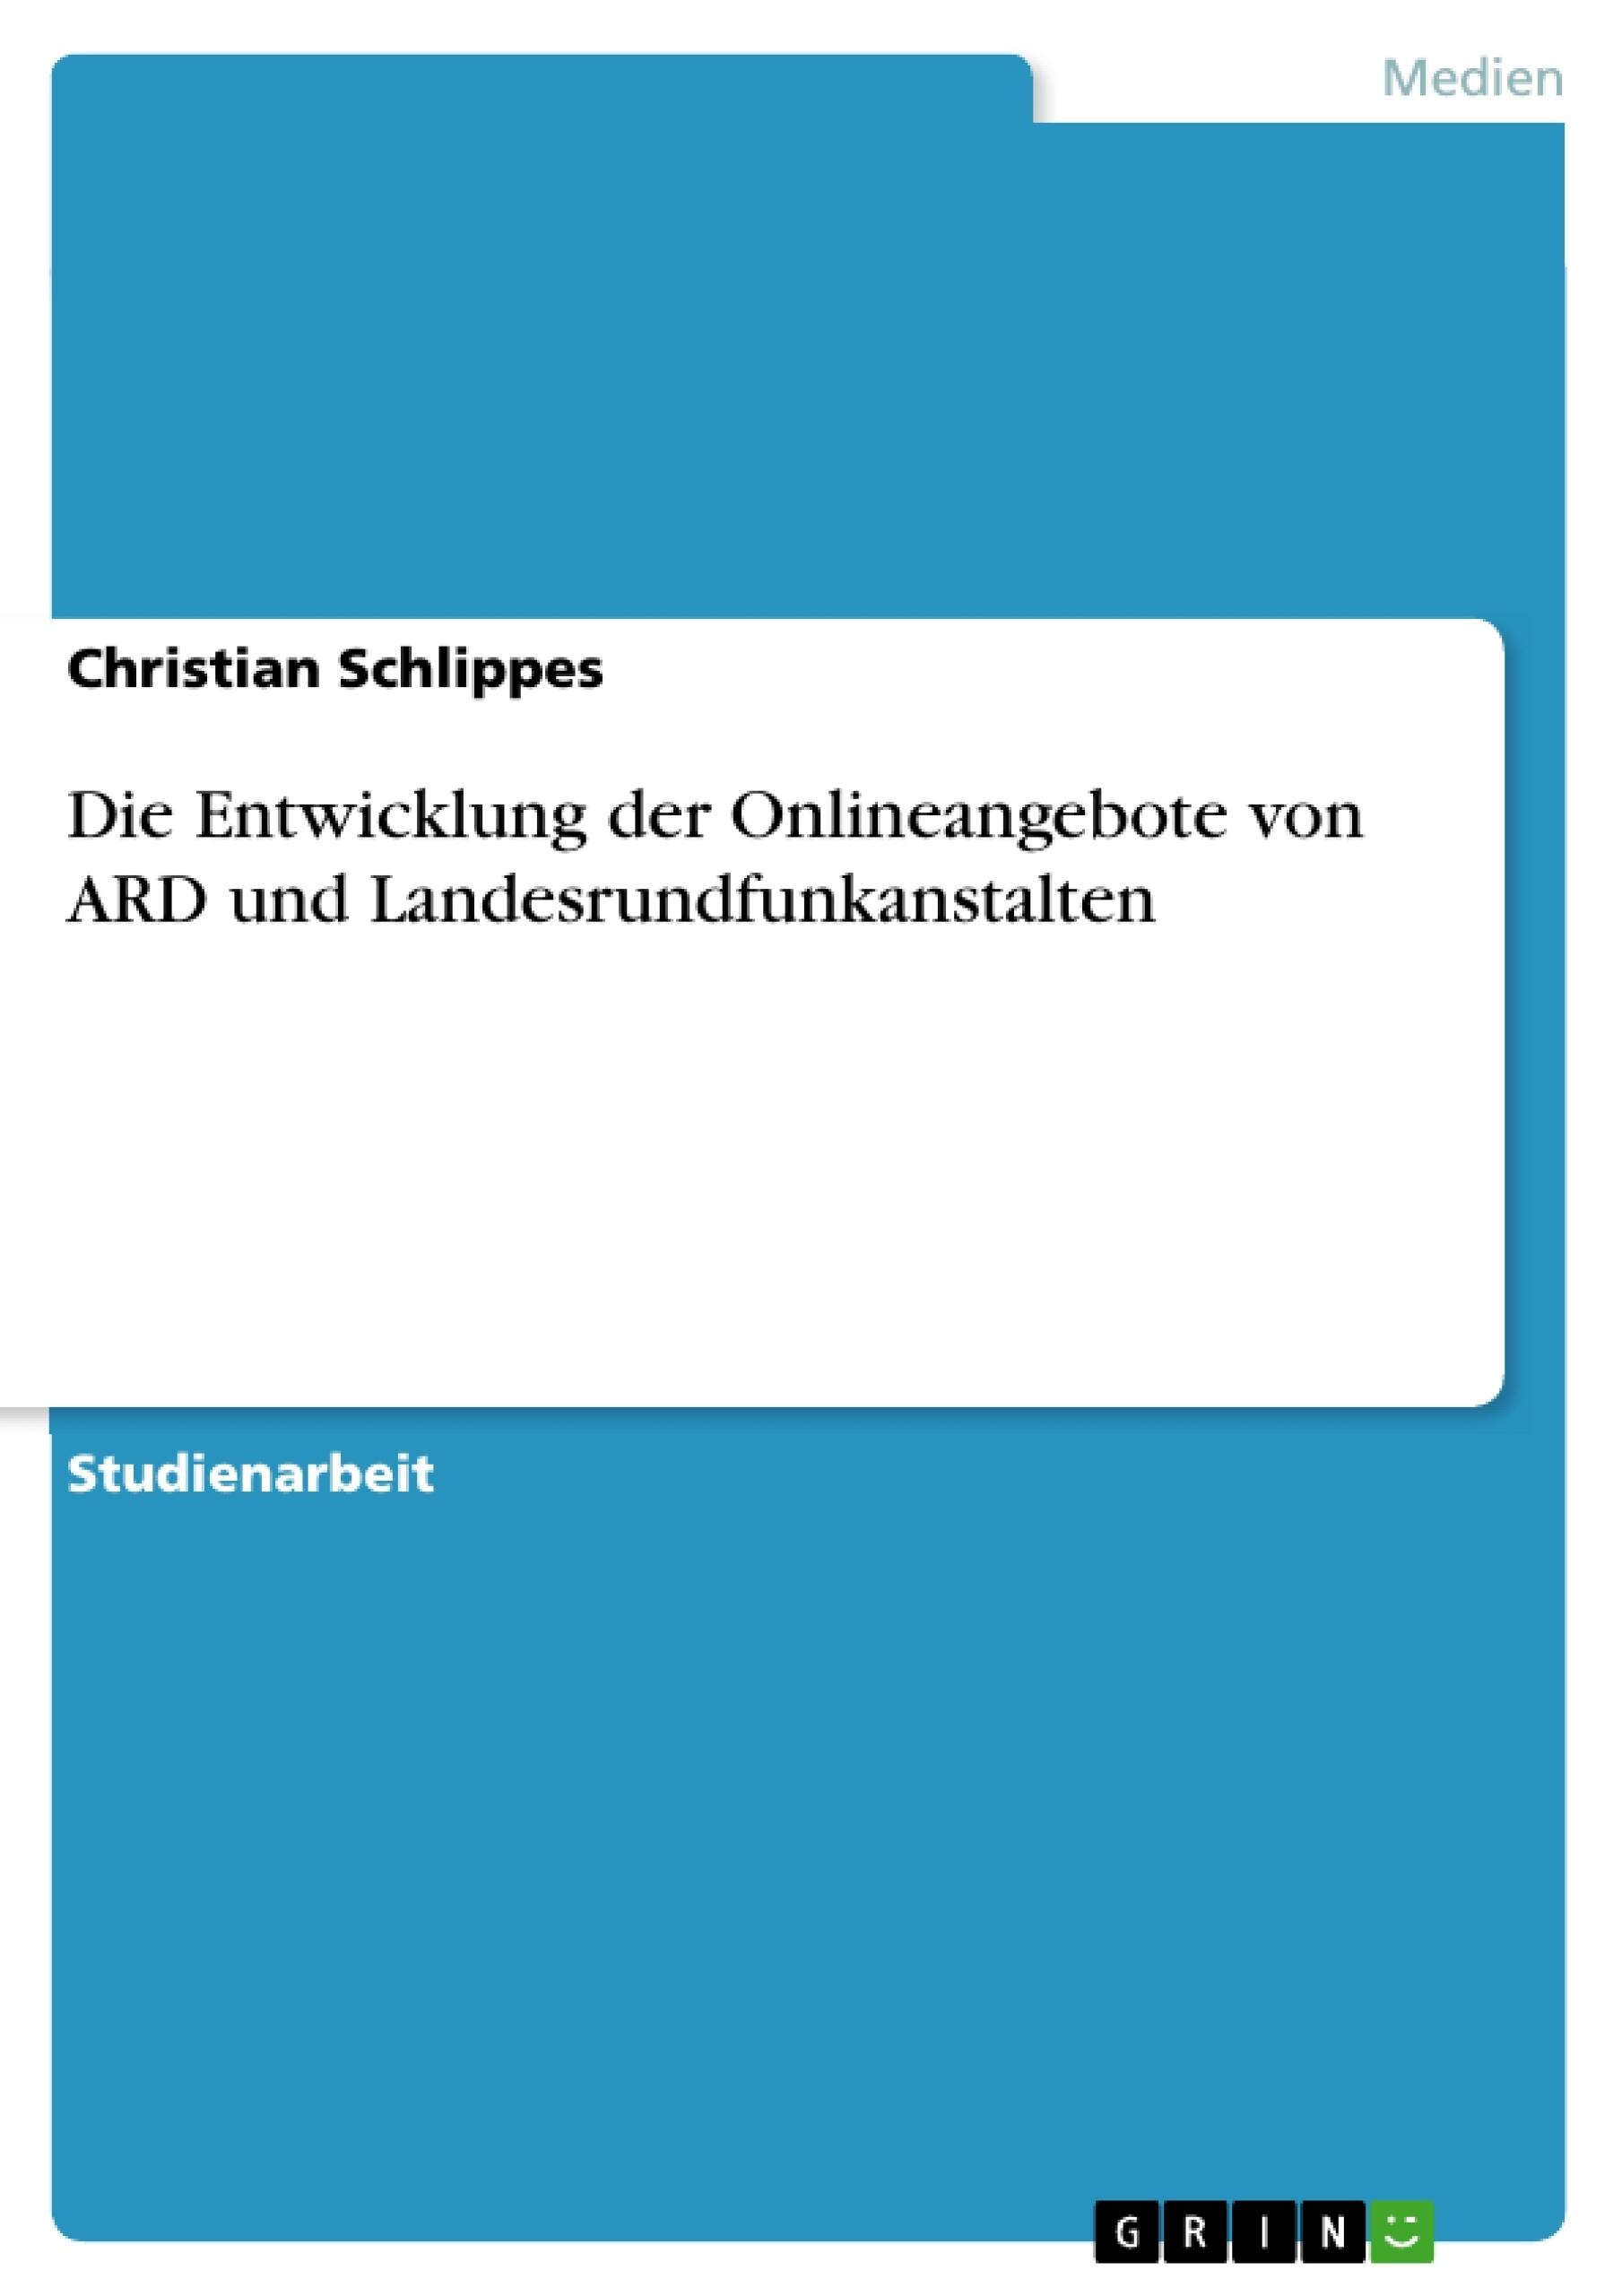 Titel: Die Entwicklung der Onlineangebote von ARD und Landesrundfunkanstalten